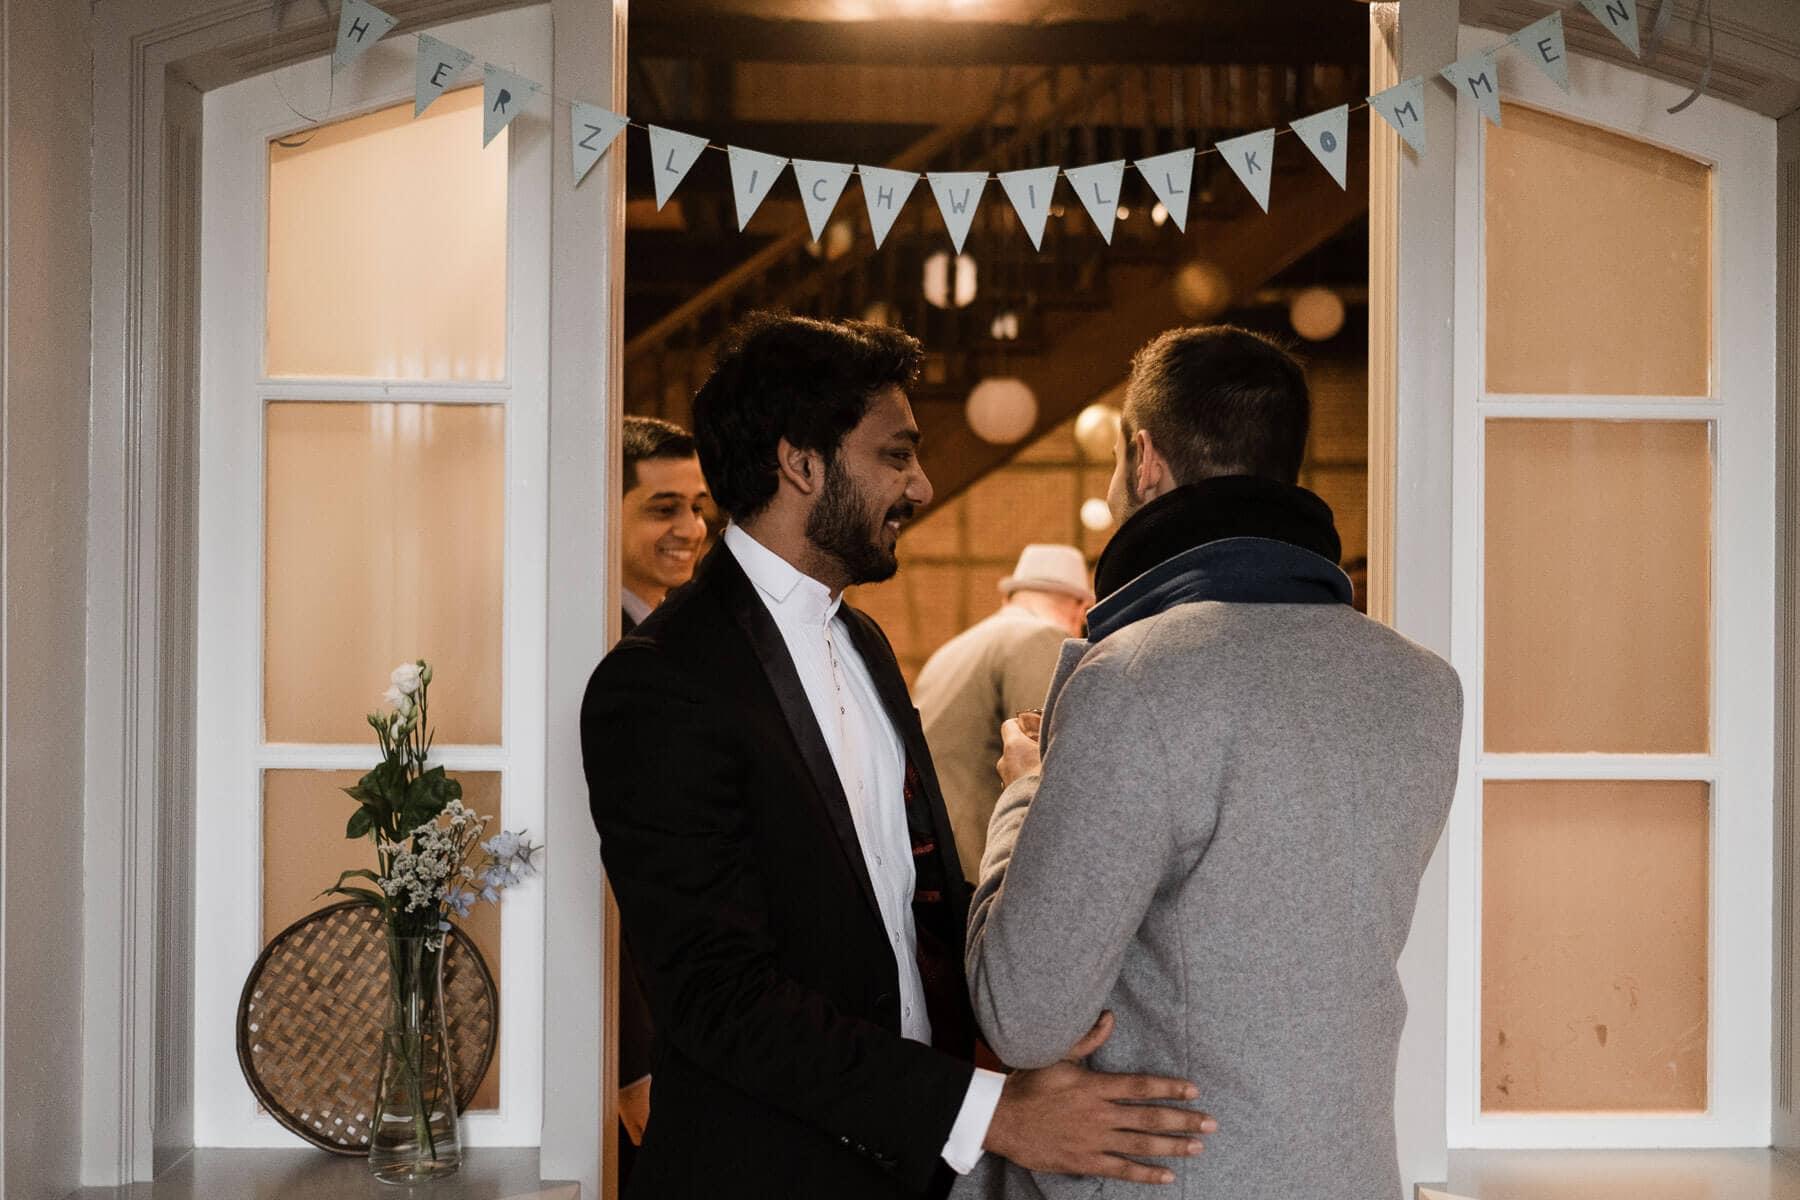 der Bräutigam stheht an einer großen Flügeltür in einem Landhaus, über der Tür hängt eine Wimpelkette, der Bräutigam trägt einen grauen Anzug, der Mann neben ihm trägt einen schwarzen Anzug, er hält seine Hand an den Rücken des Bräutigam